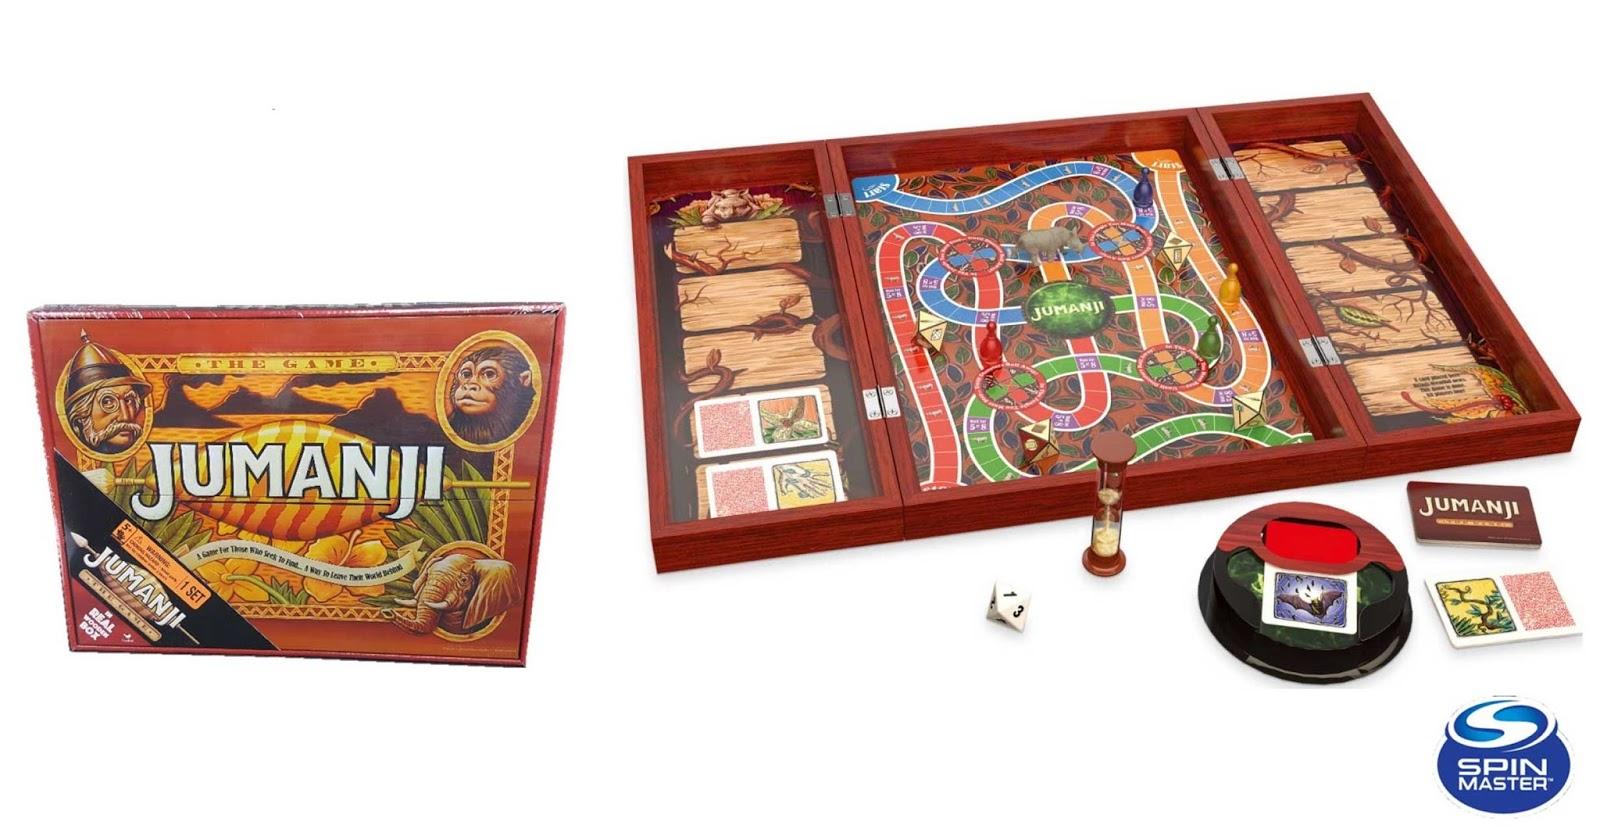 Fumetteria inkiostro alassio jumanji il gioco versione in legno - Jumanji gioco da tavolo ...